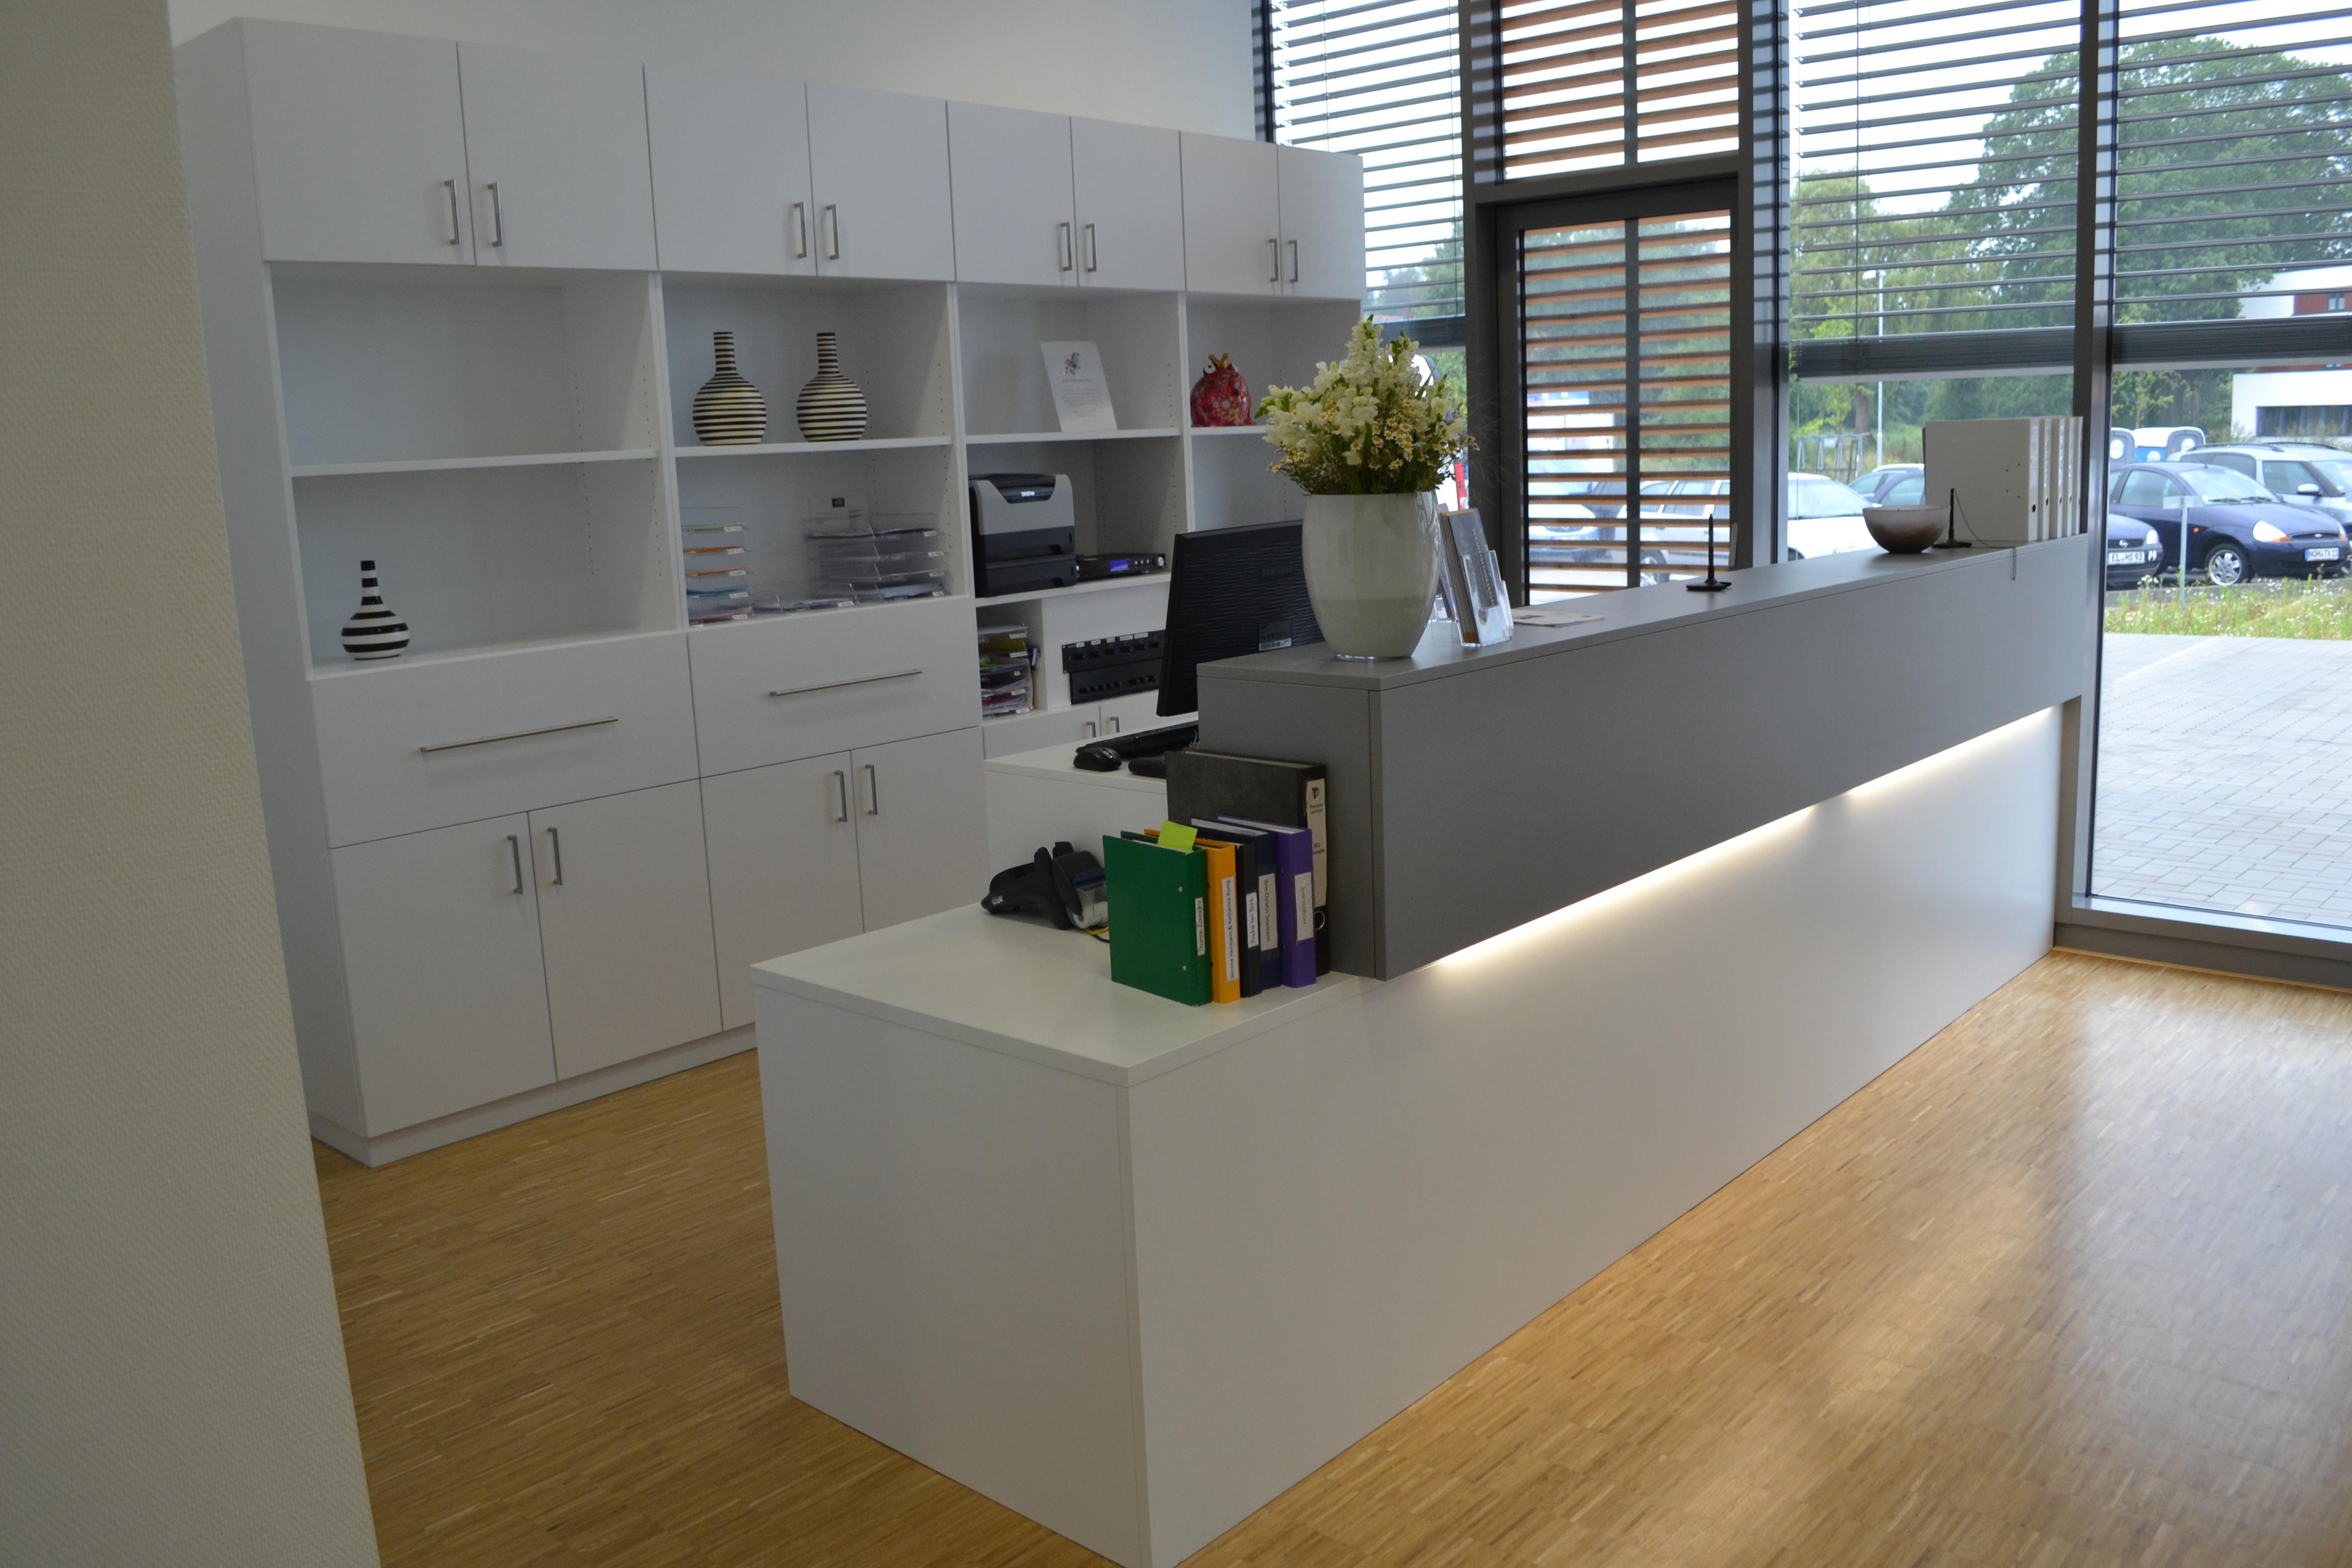 Empfangstresen Rehazentrum Hermann in Nordhorn2